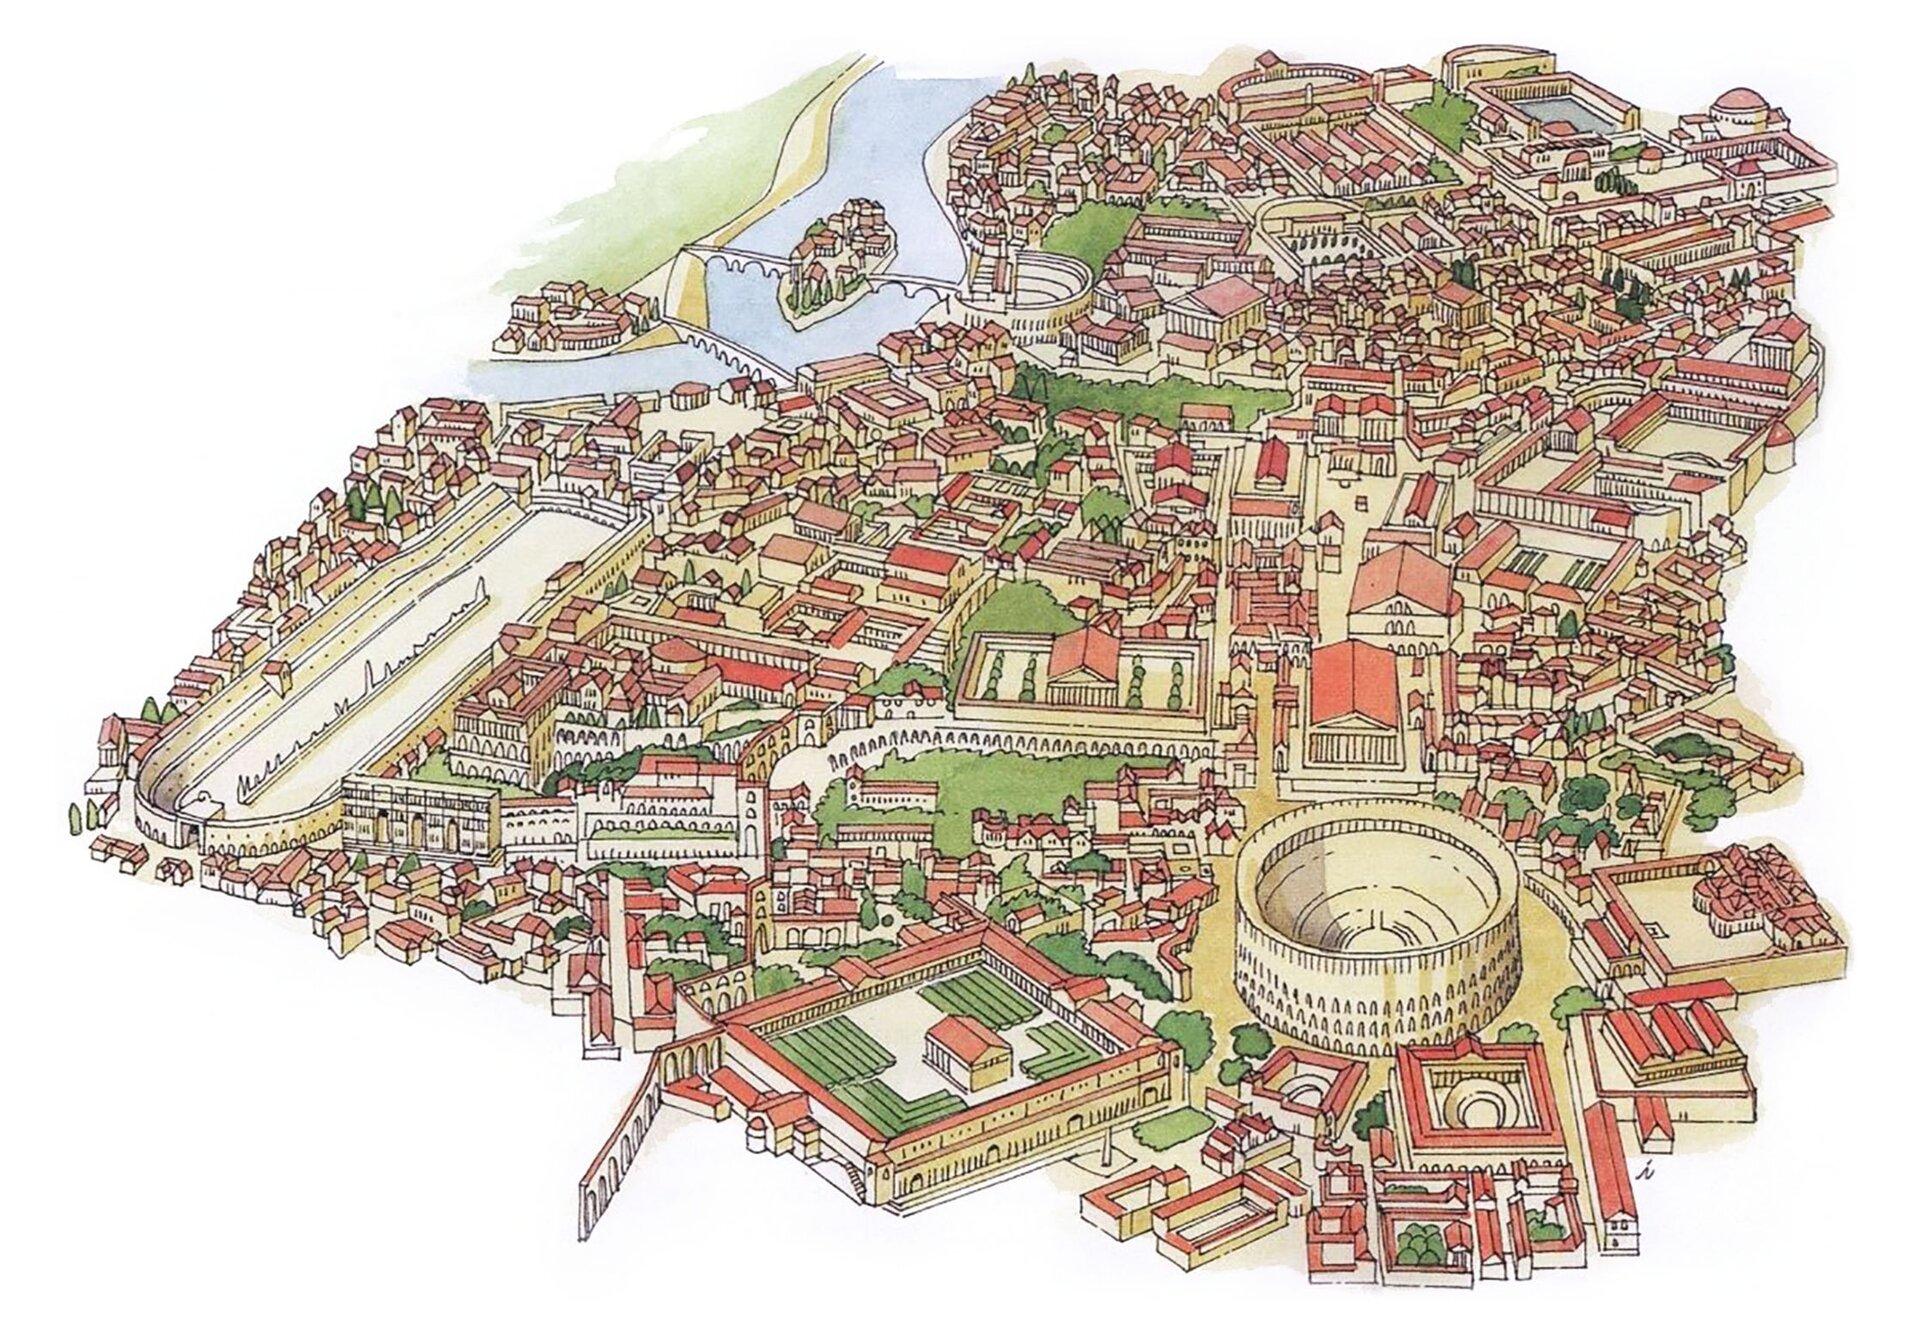 Rekonstrukcja starożytnego Rzymu Rekonstrukcja starożytnego Rzymu Źródło: Woeterman 94, Wikimedia Commons, licencja: CC BY-SA 3.0.